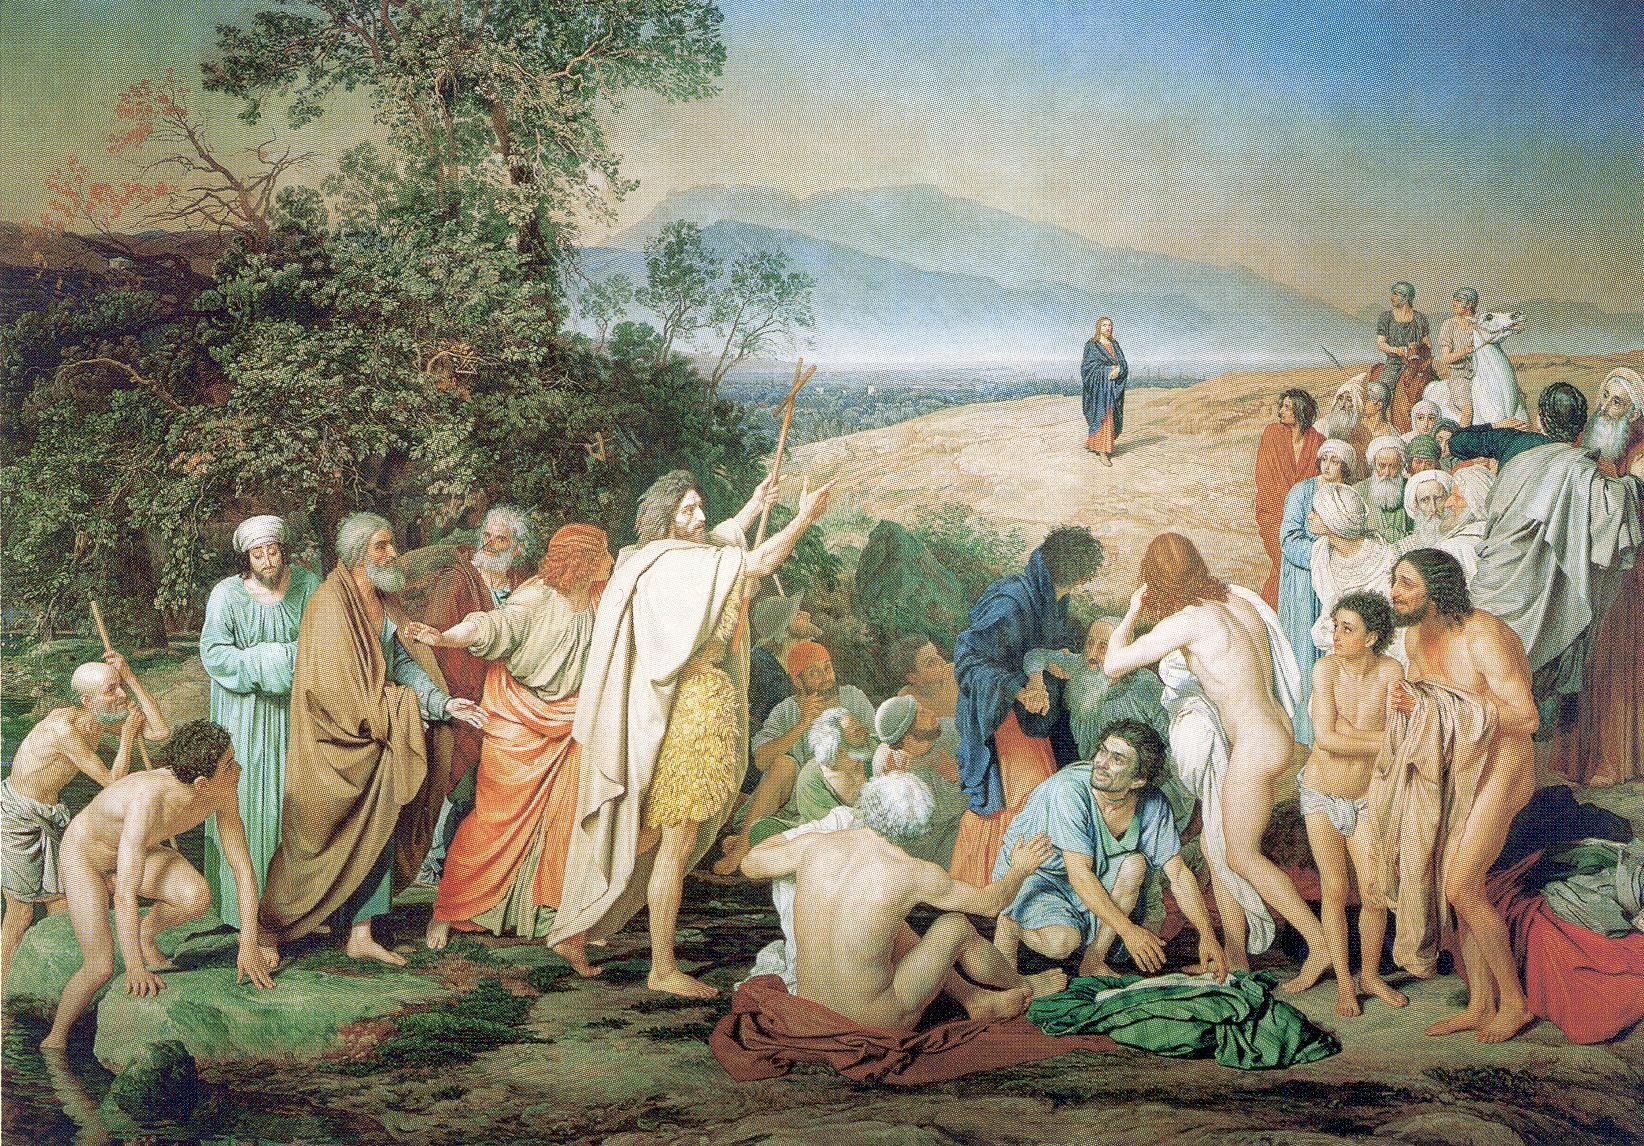 Явление Христа народу, Иванов Александр Андреевич